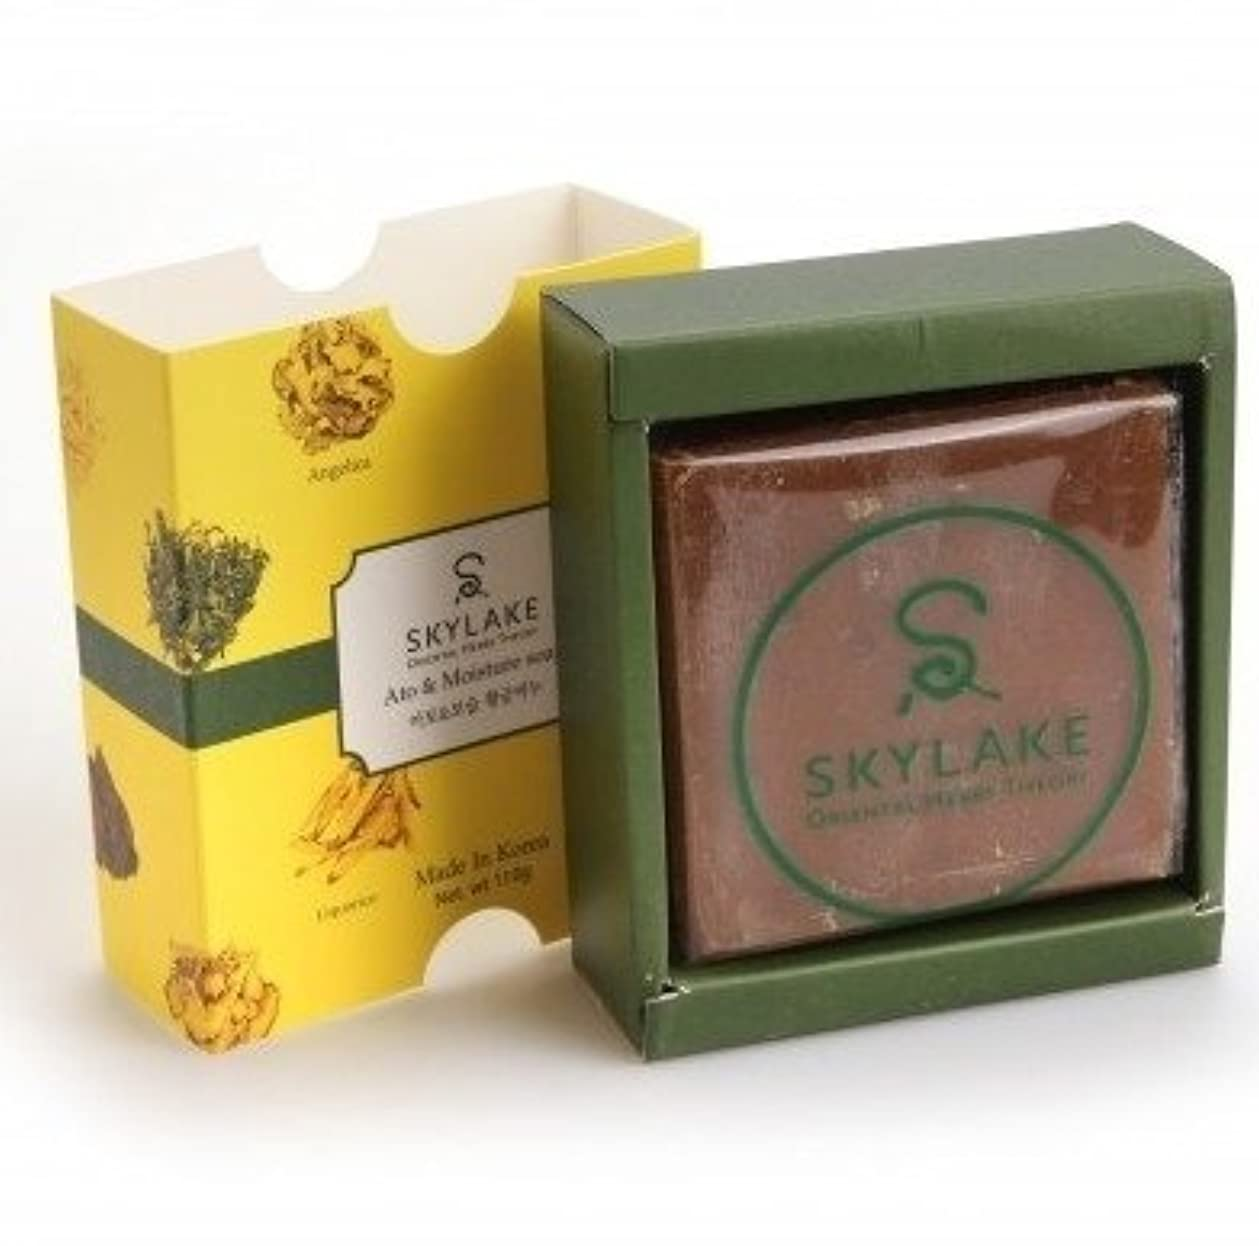 フラップリスクすることになっている[1+1]ハヌルホス[Skylake] 漢方アロマ石鹸Oriental Herbs Theory Soap (アト?保湿用)